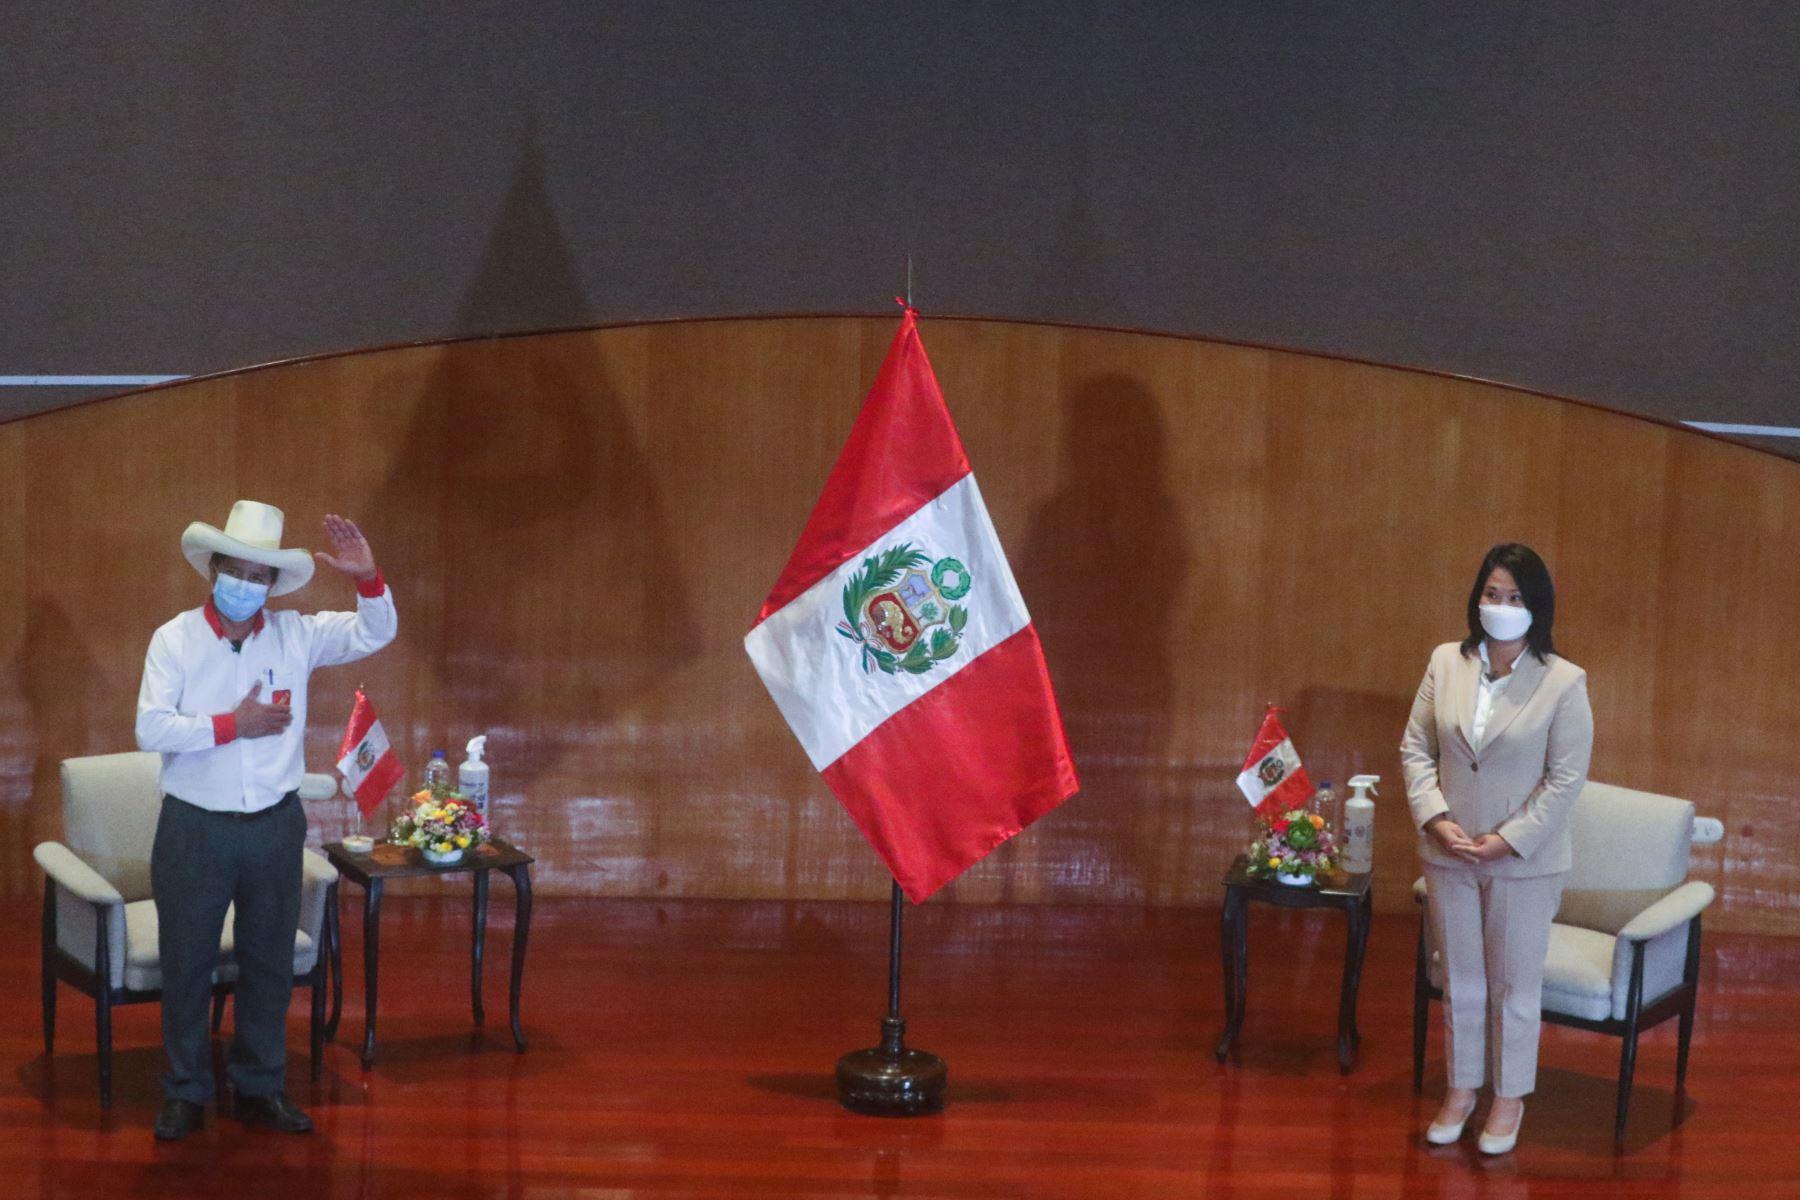 Candidatos a la presidencia de Perú Libre, Pedro Castillo, y de Fuerza Popular, Keiko Fujimori, firman el compromiso de cumplir con los 12 puntos expuestos en la Proclama Ciudadana - Juramento por la Democracia. En el auditorio del Colegio Médico del Perú. Foto: ANDINA/Andrés Valle